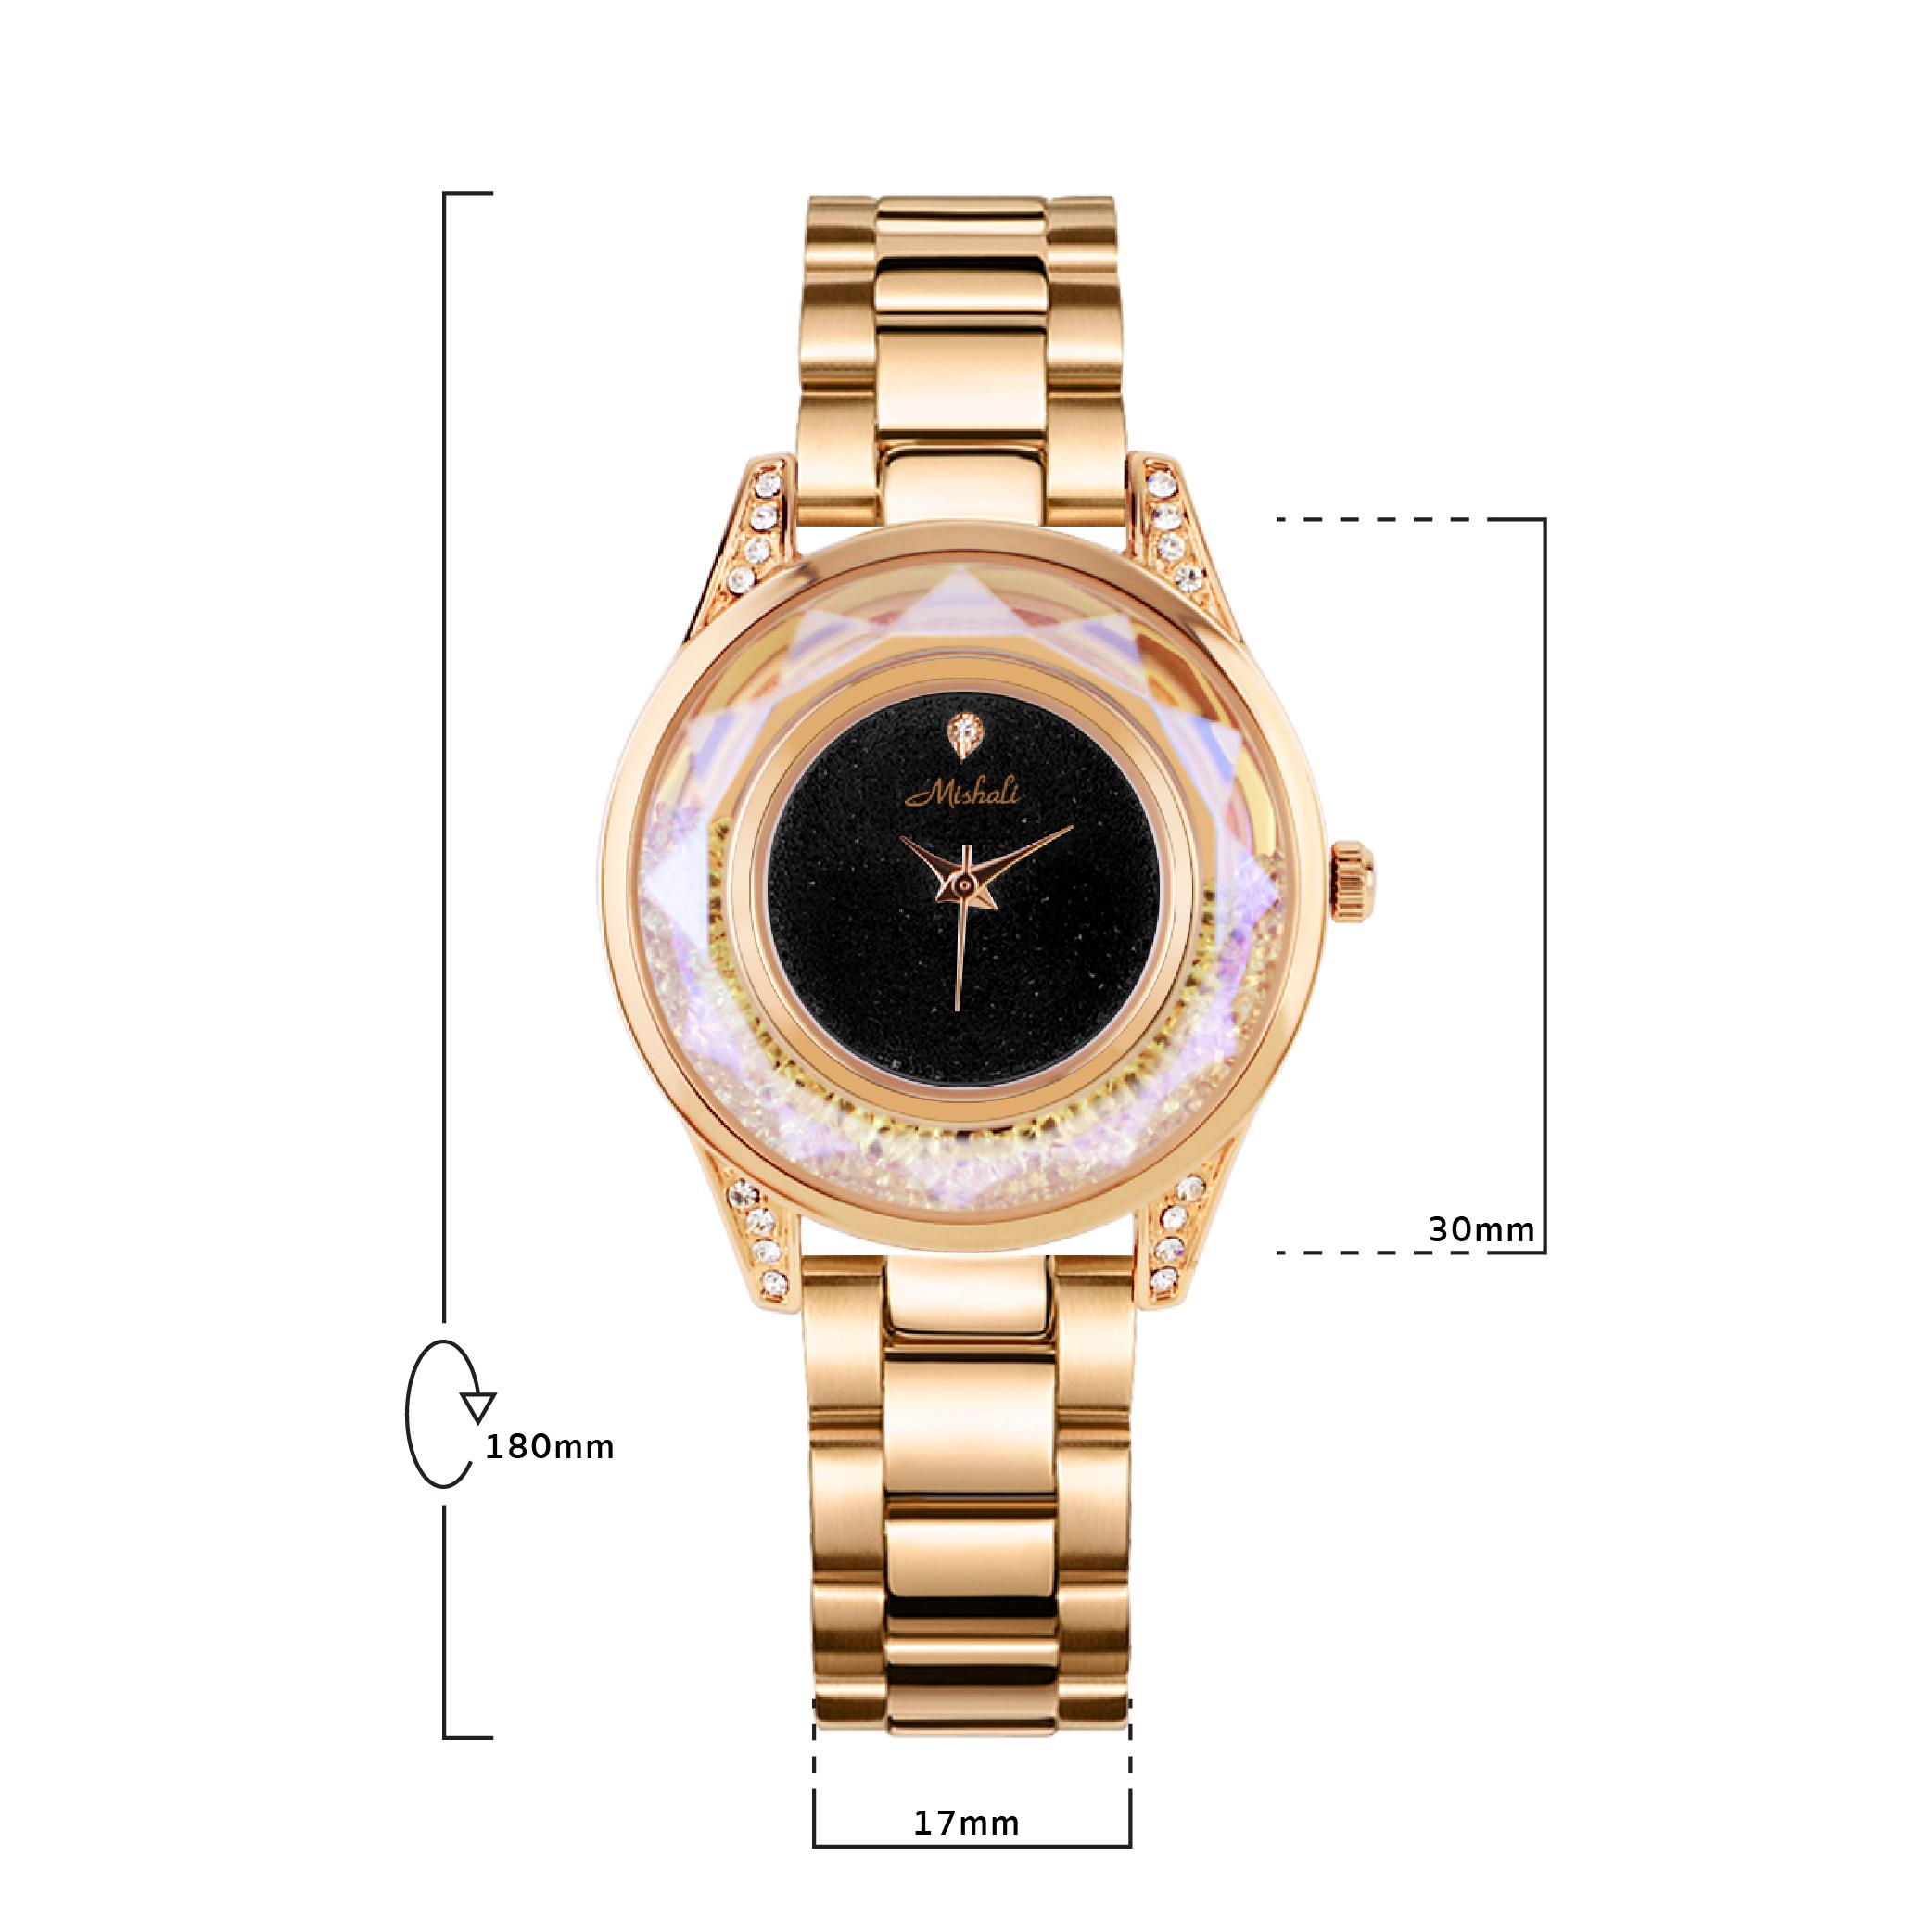 นาฬิกาข้อมือผู้หญิง MISHALI M18523 C